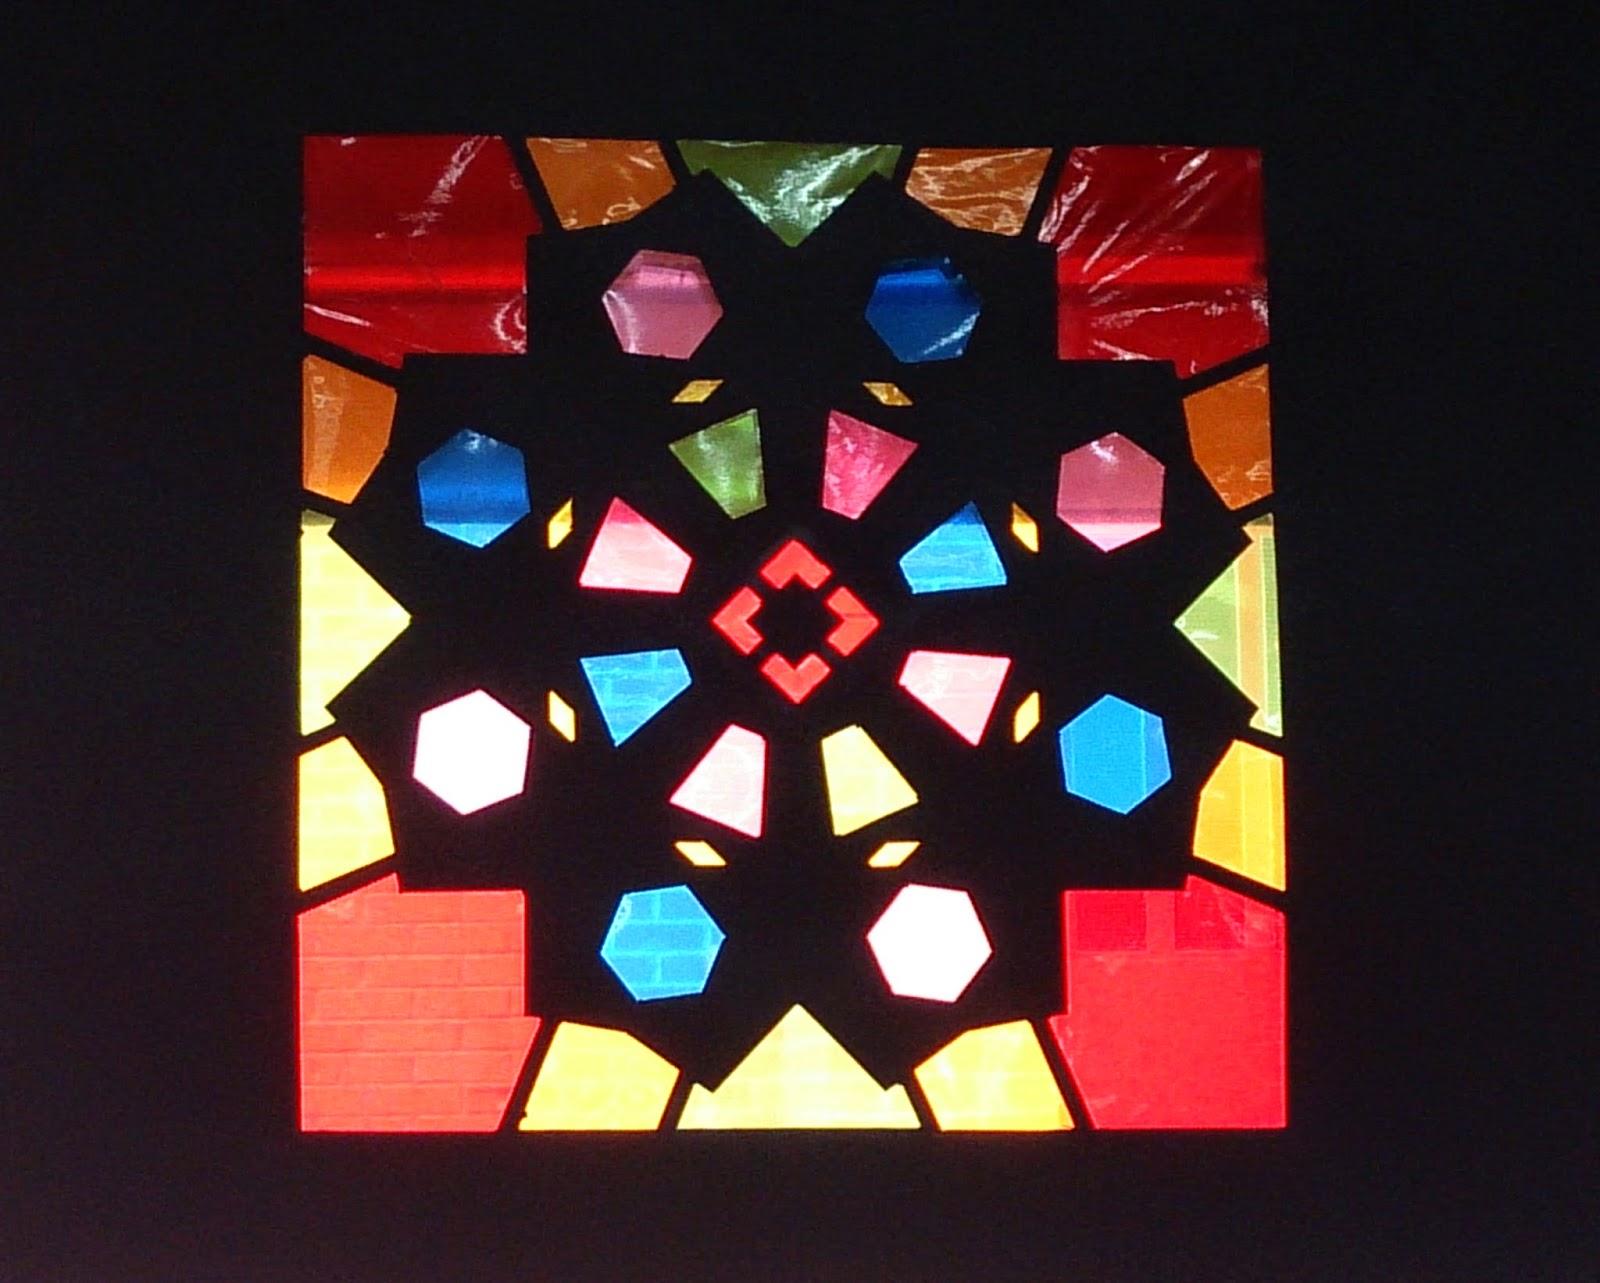 Vz arte dise ar una vidriera sobre cartulina negra a - Vidrieras de colores ...